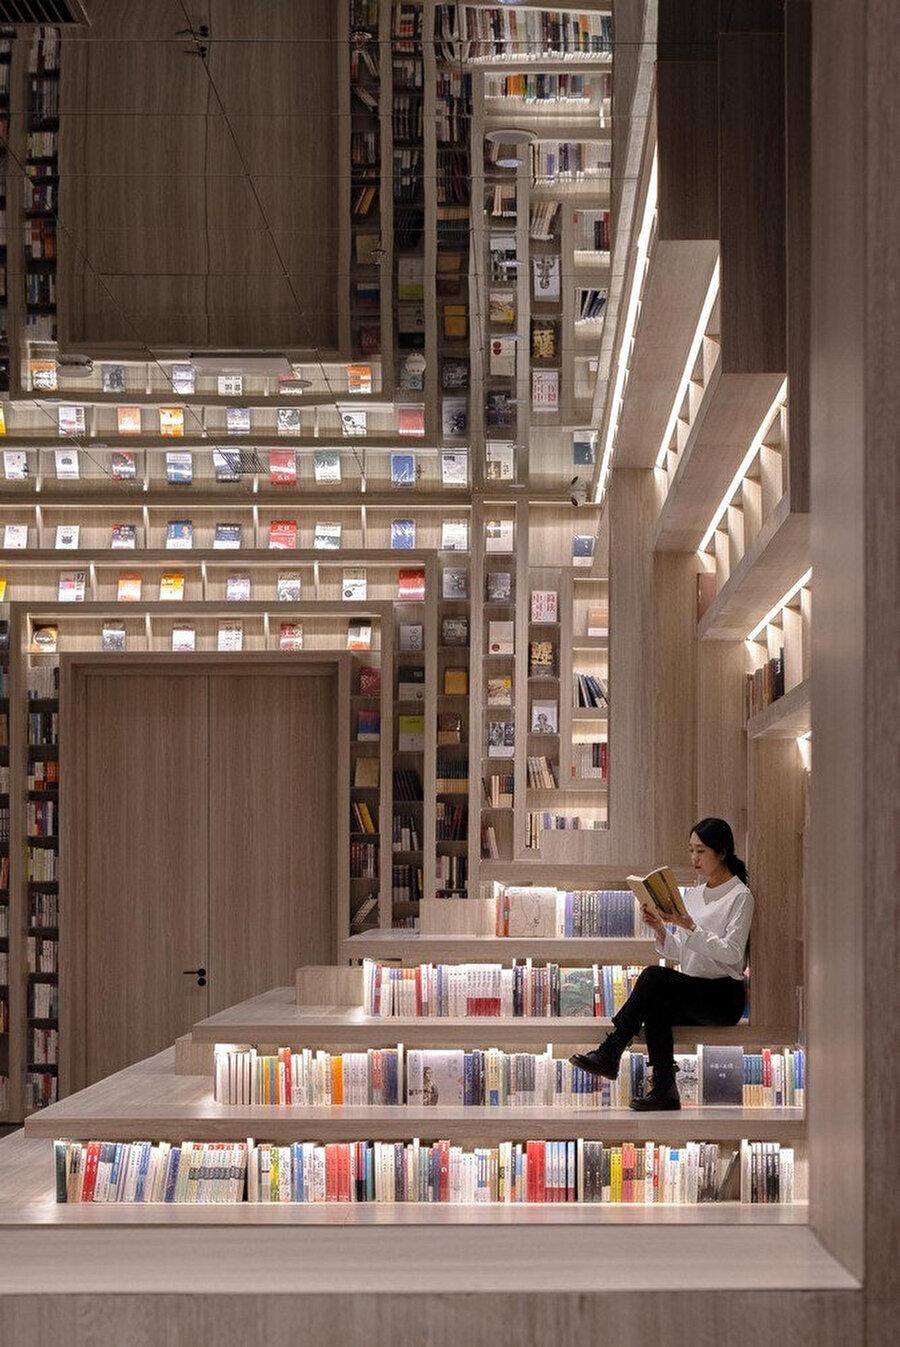 Oturma alanları ve kitap raflarının ilişkisi.